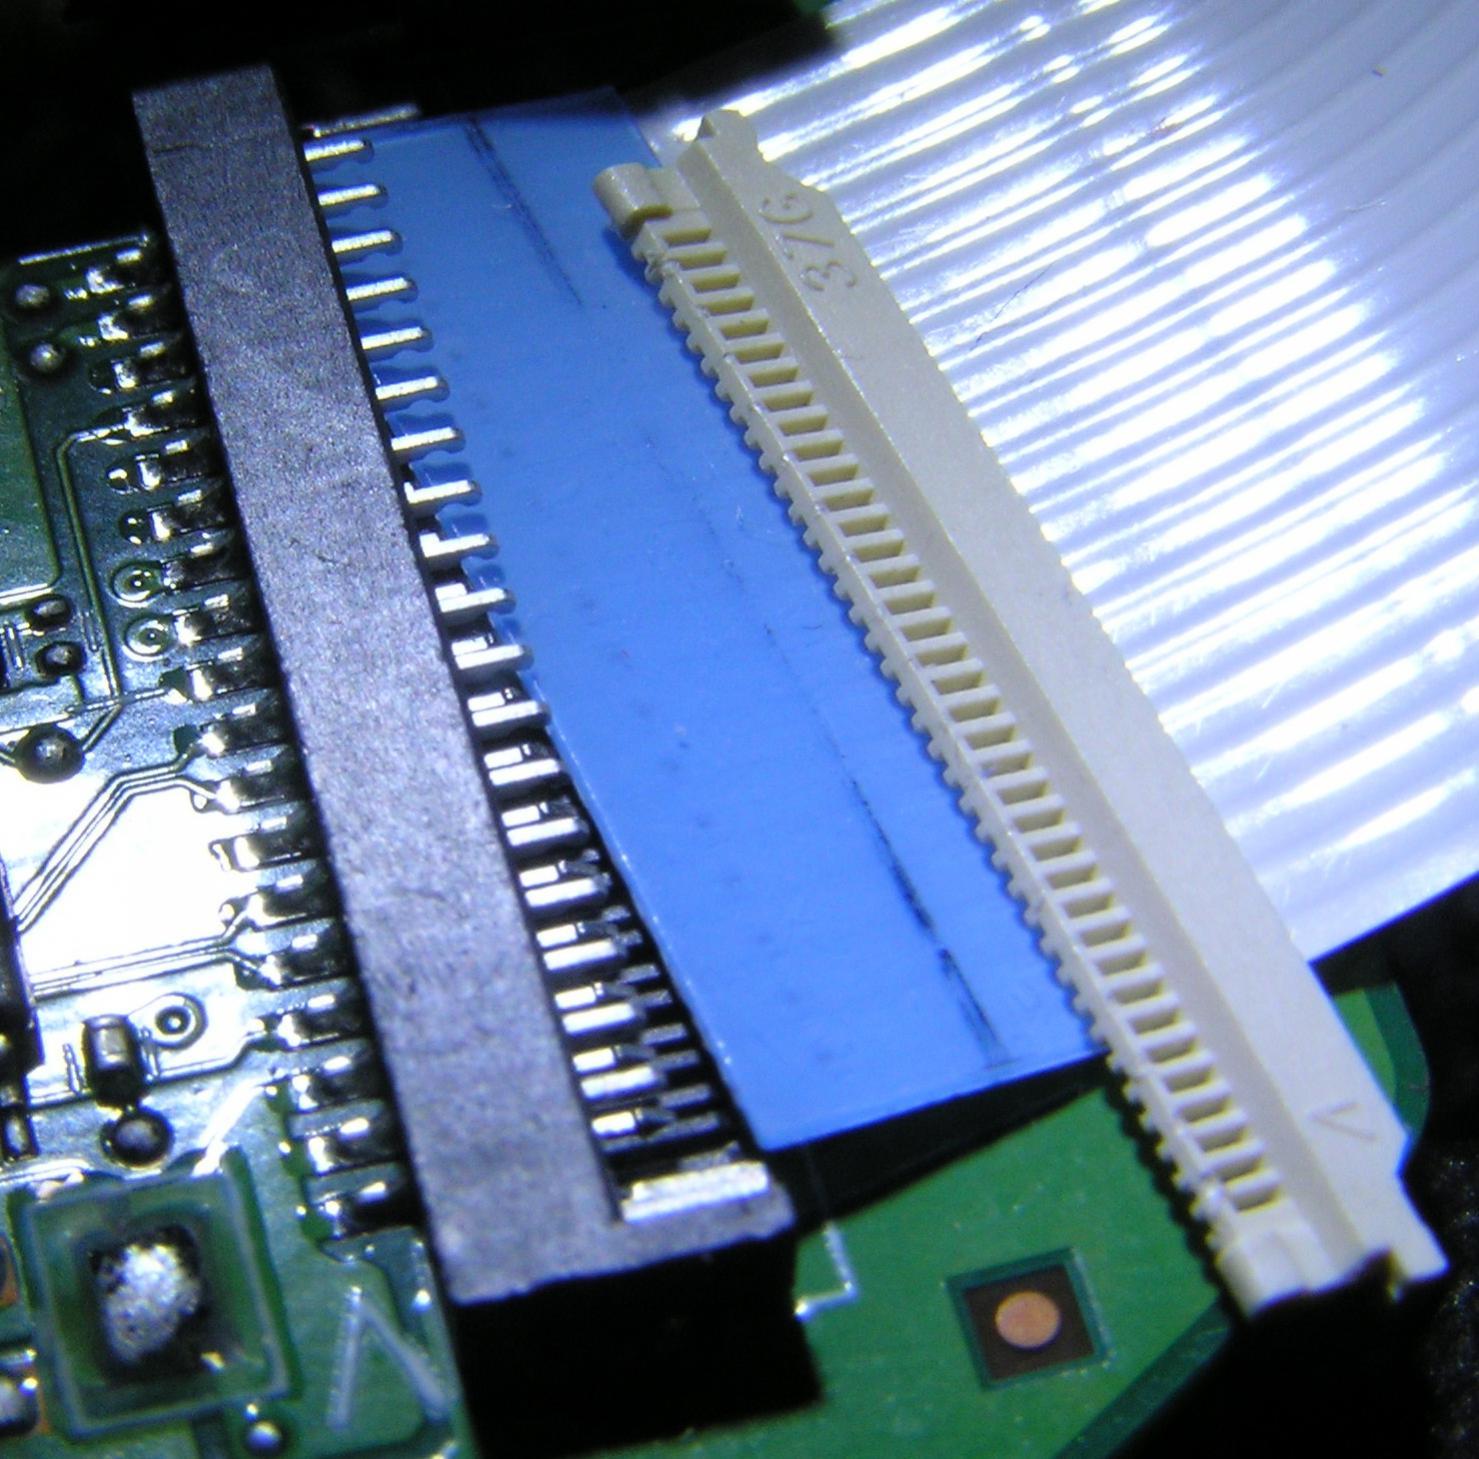 Flachbandkabel wieder montieren - ComputerBase Forum